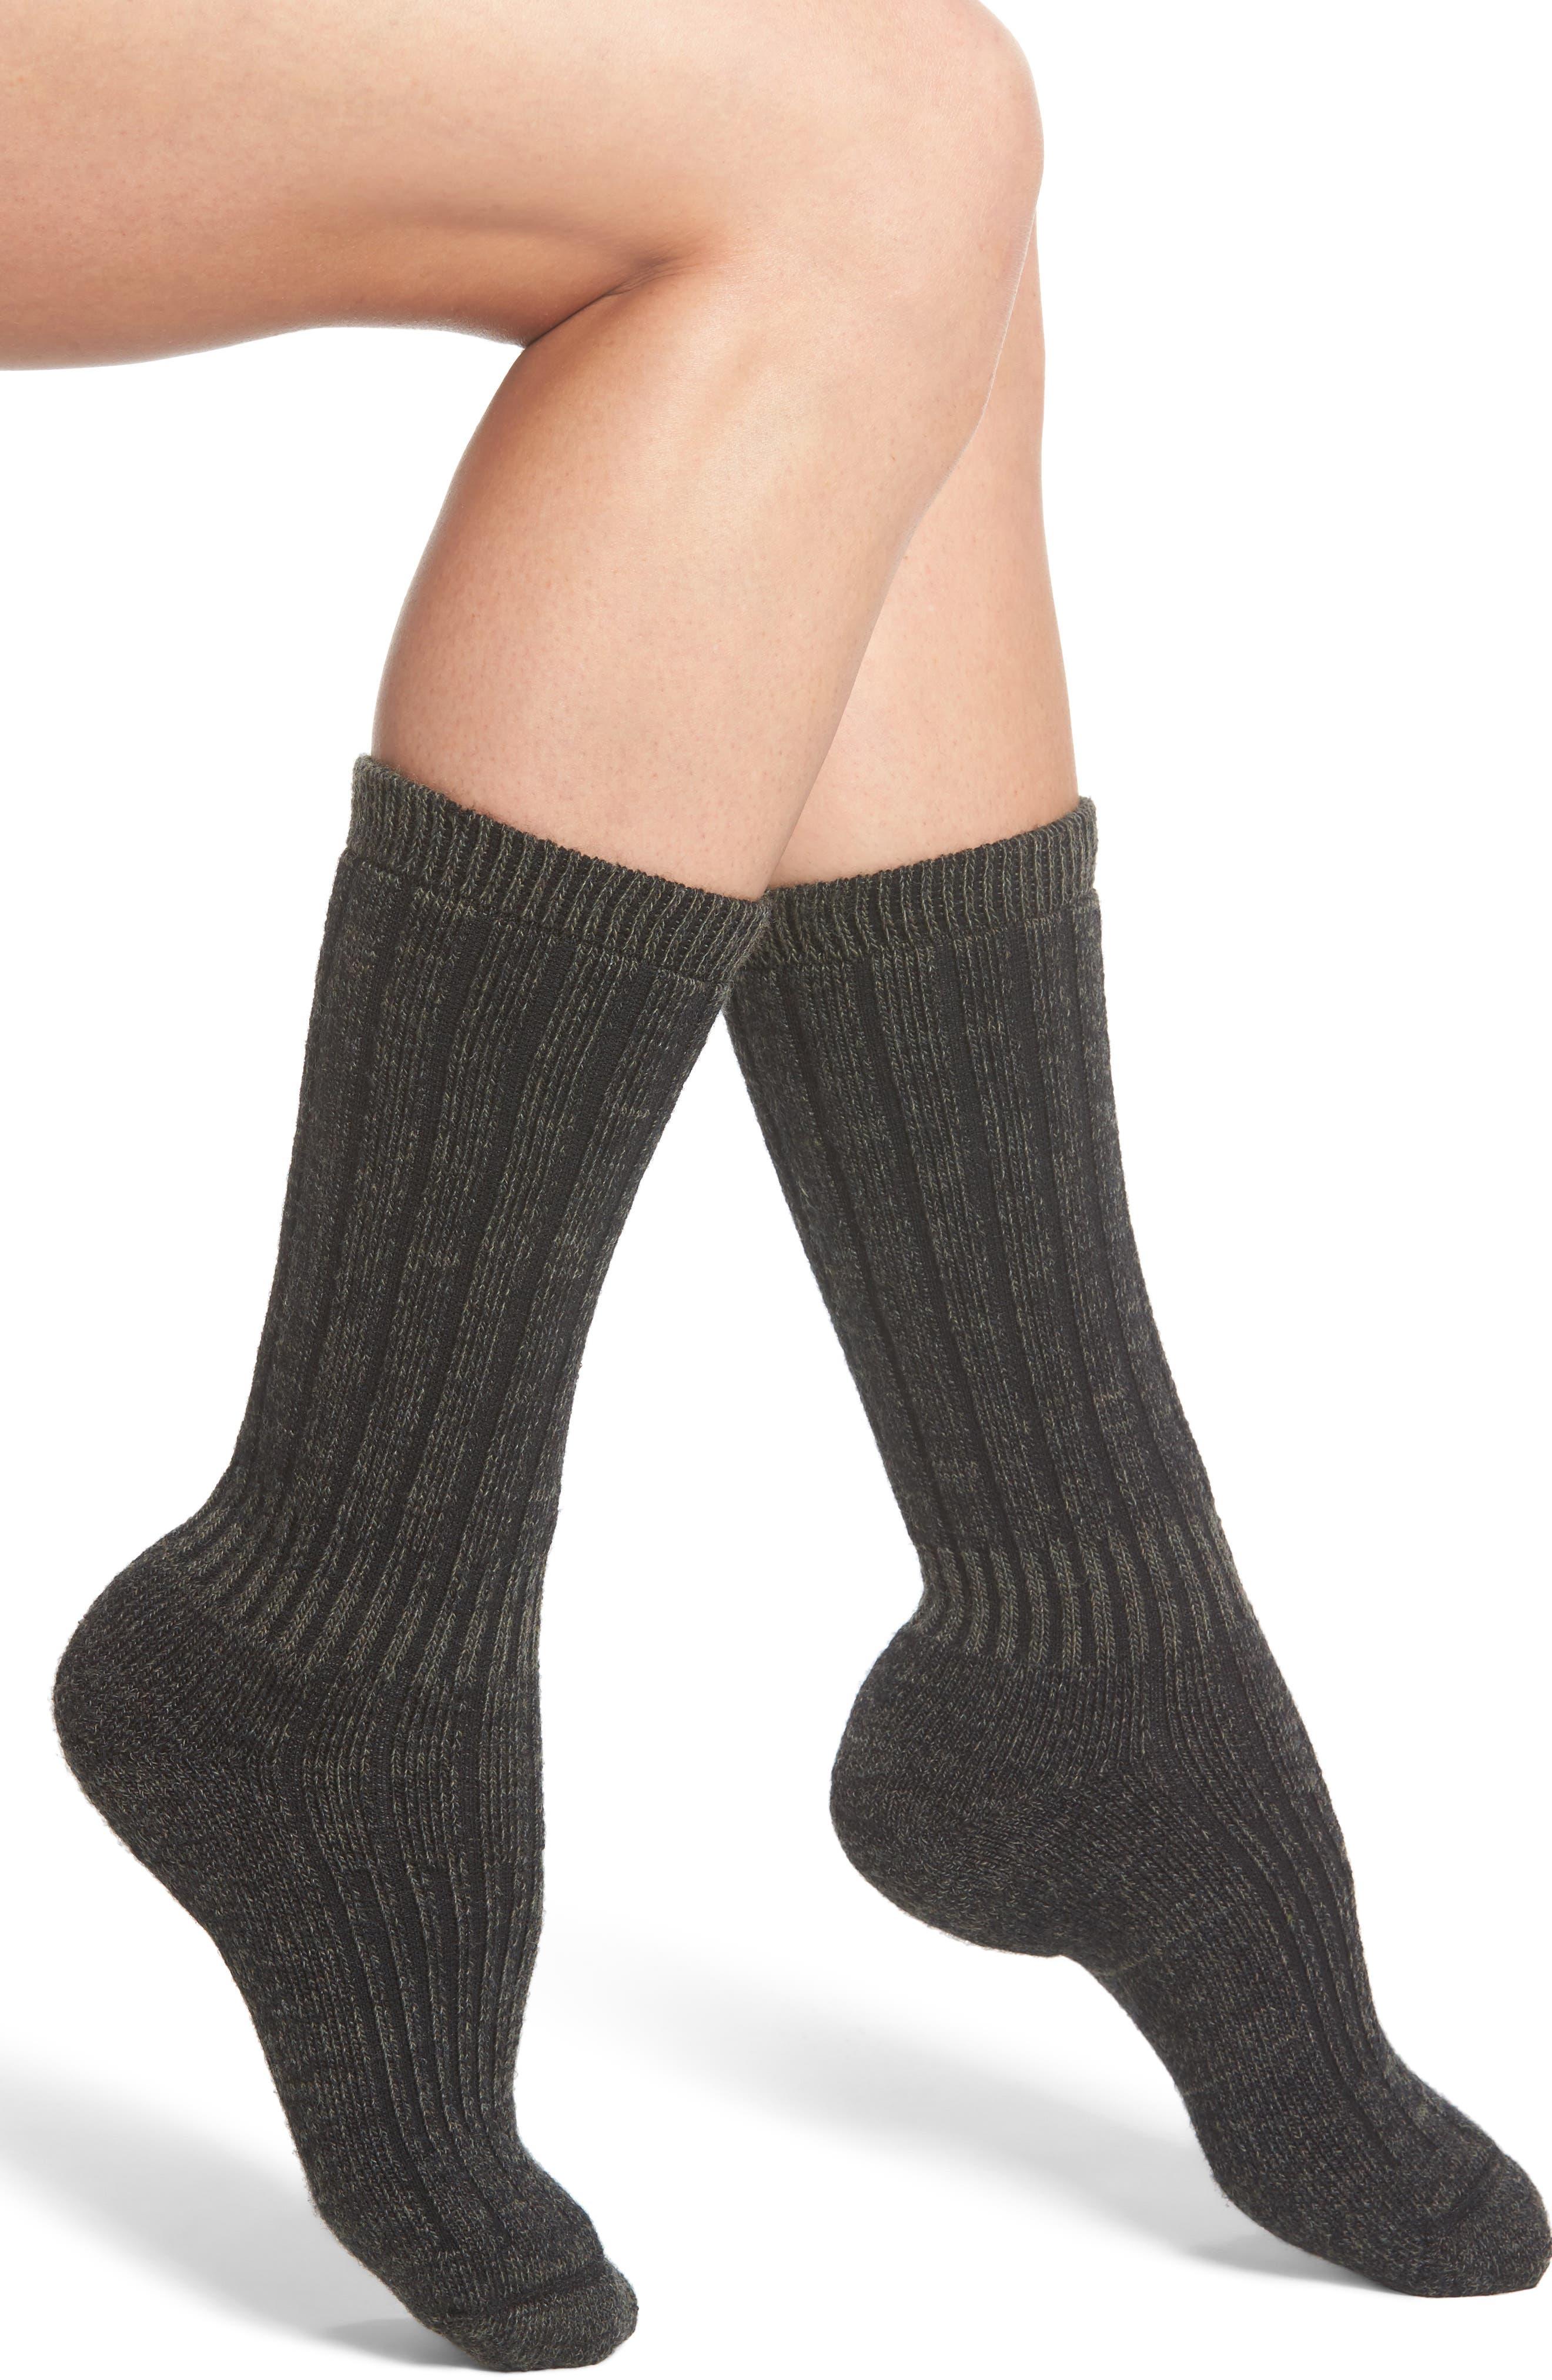 Hiker Wool Blend Crew Socks,                         Main,                         color, Olive Green Hthr